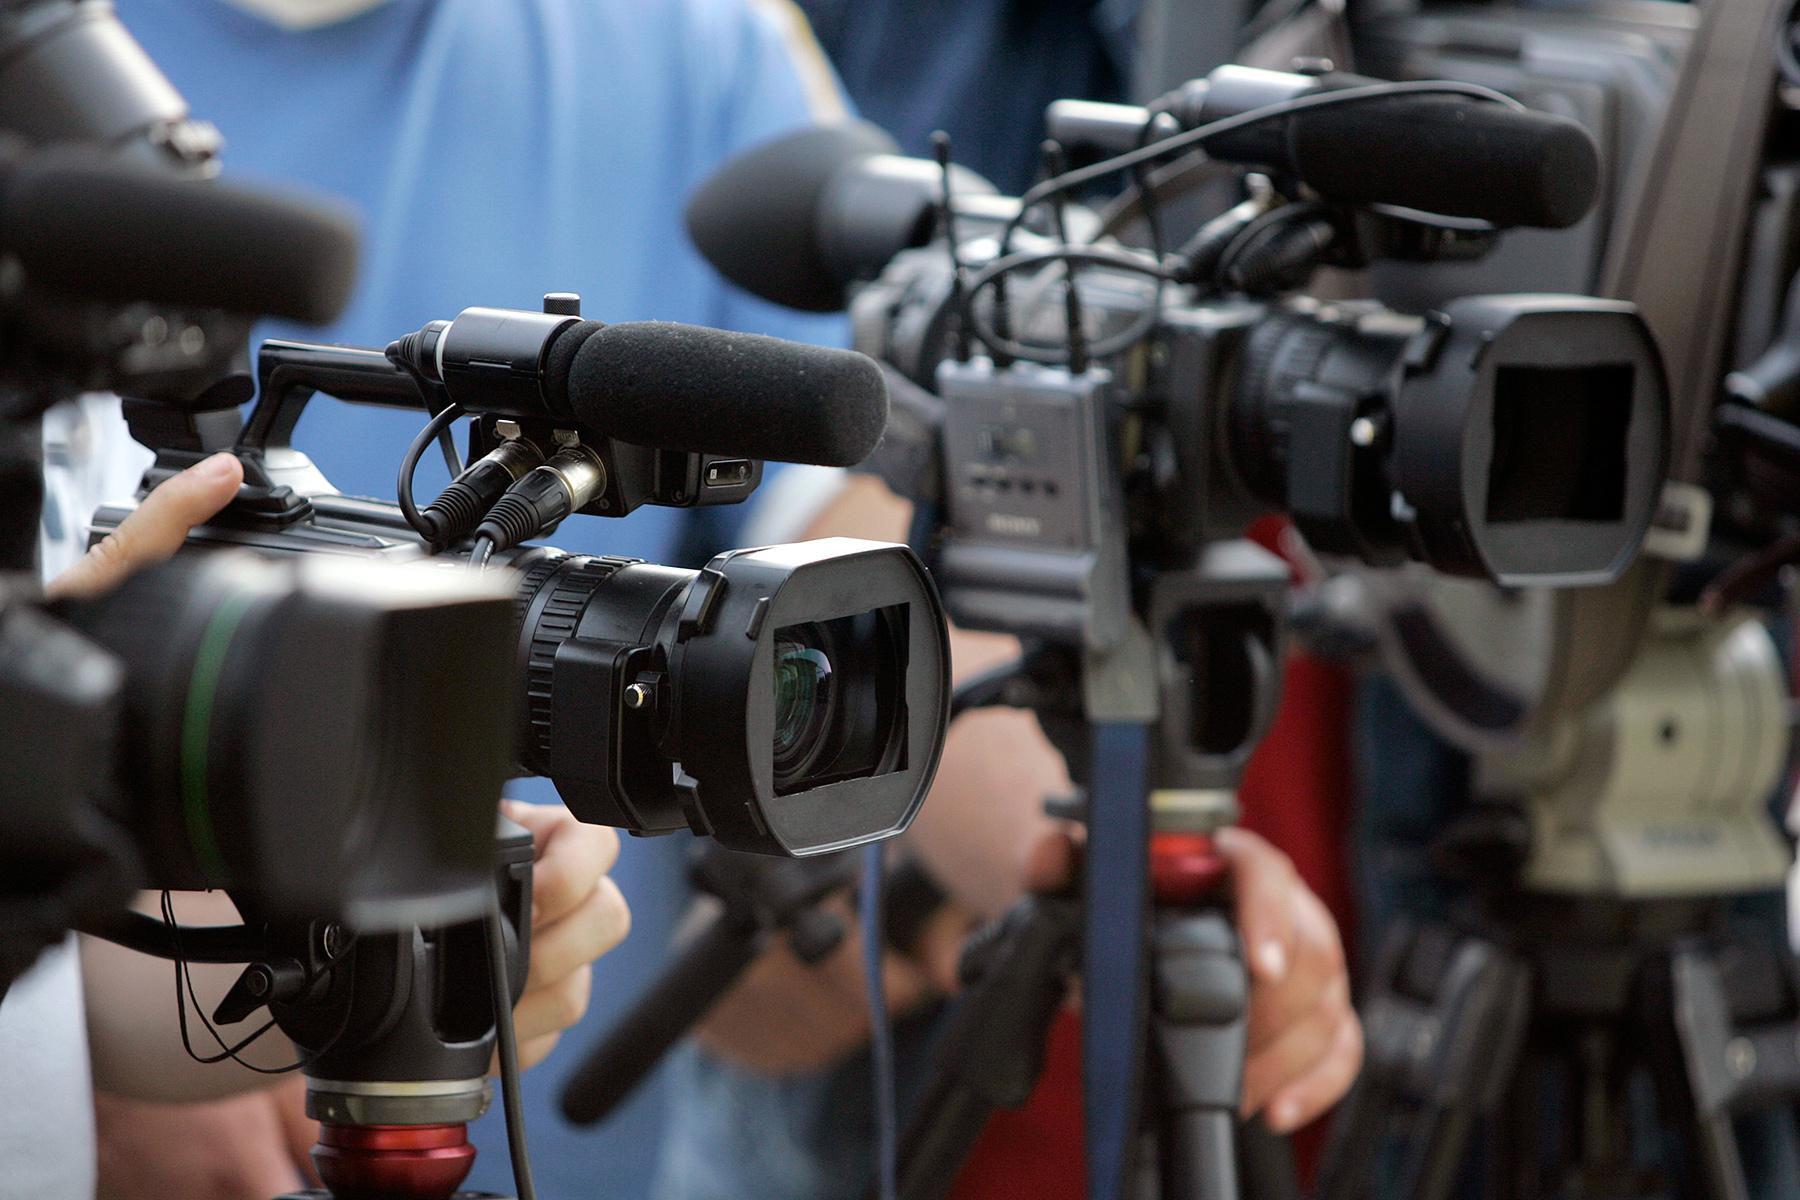 Liberté d'expression et vie privée : le difficile équilibre ...